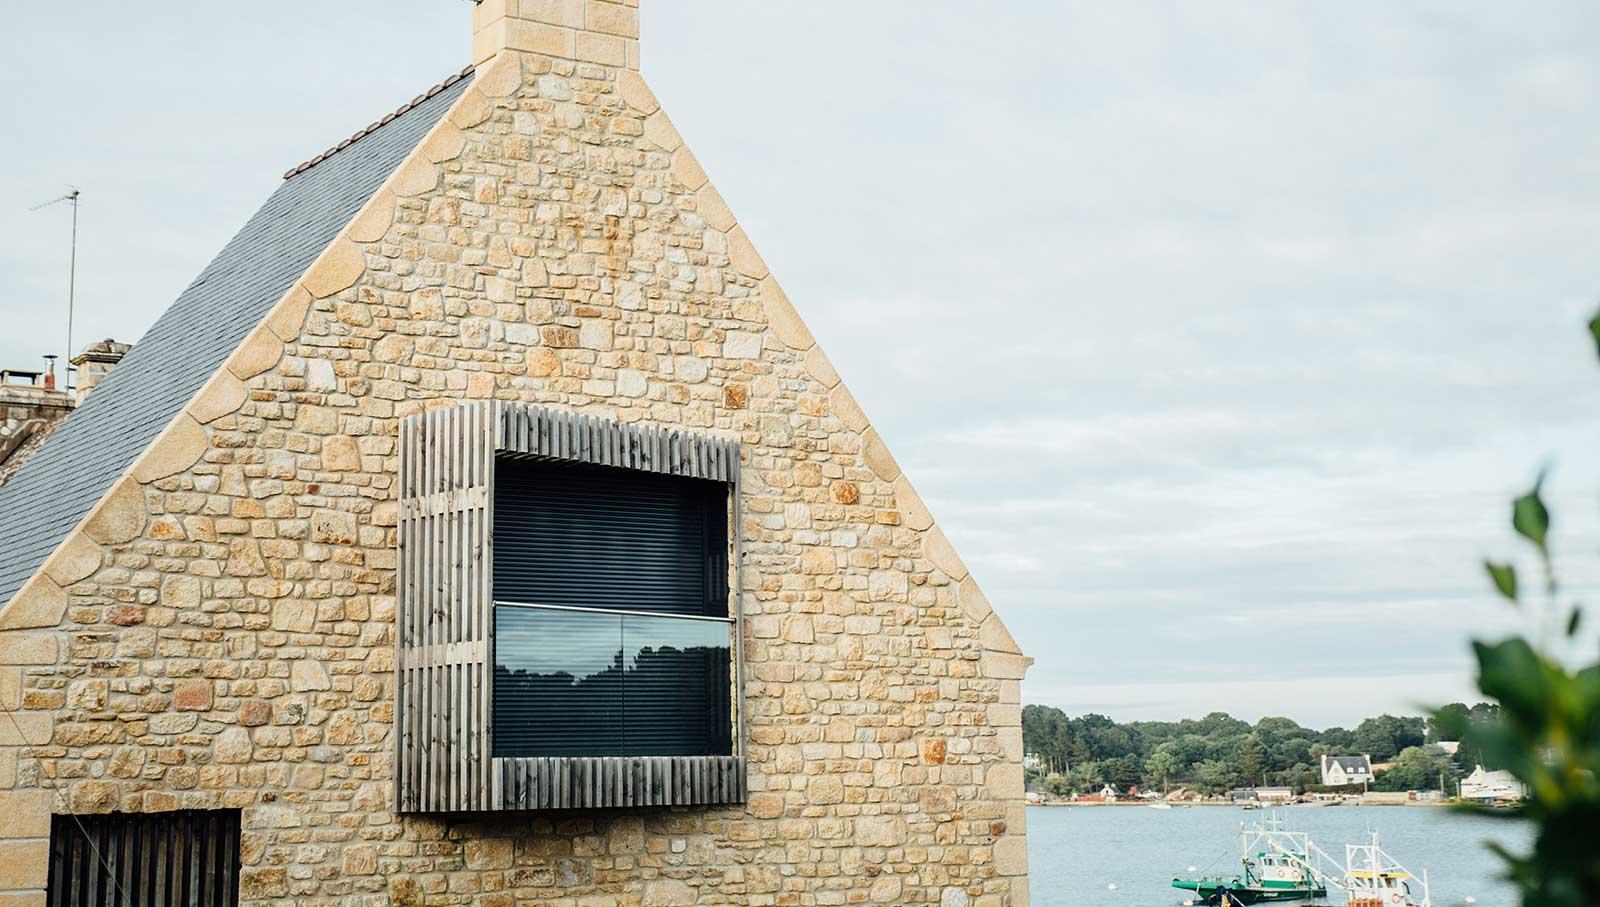 Le vintguit architectes - Architecture Contemporaine